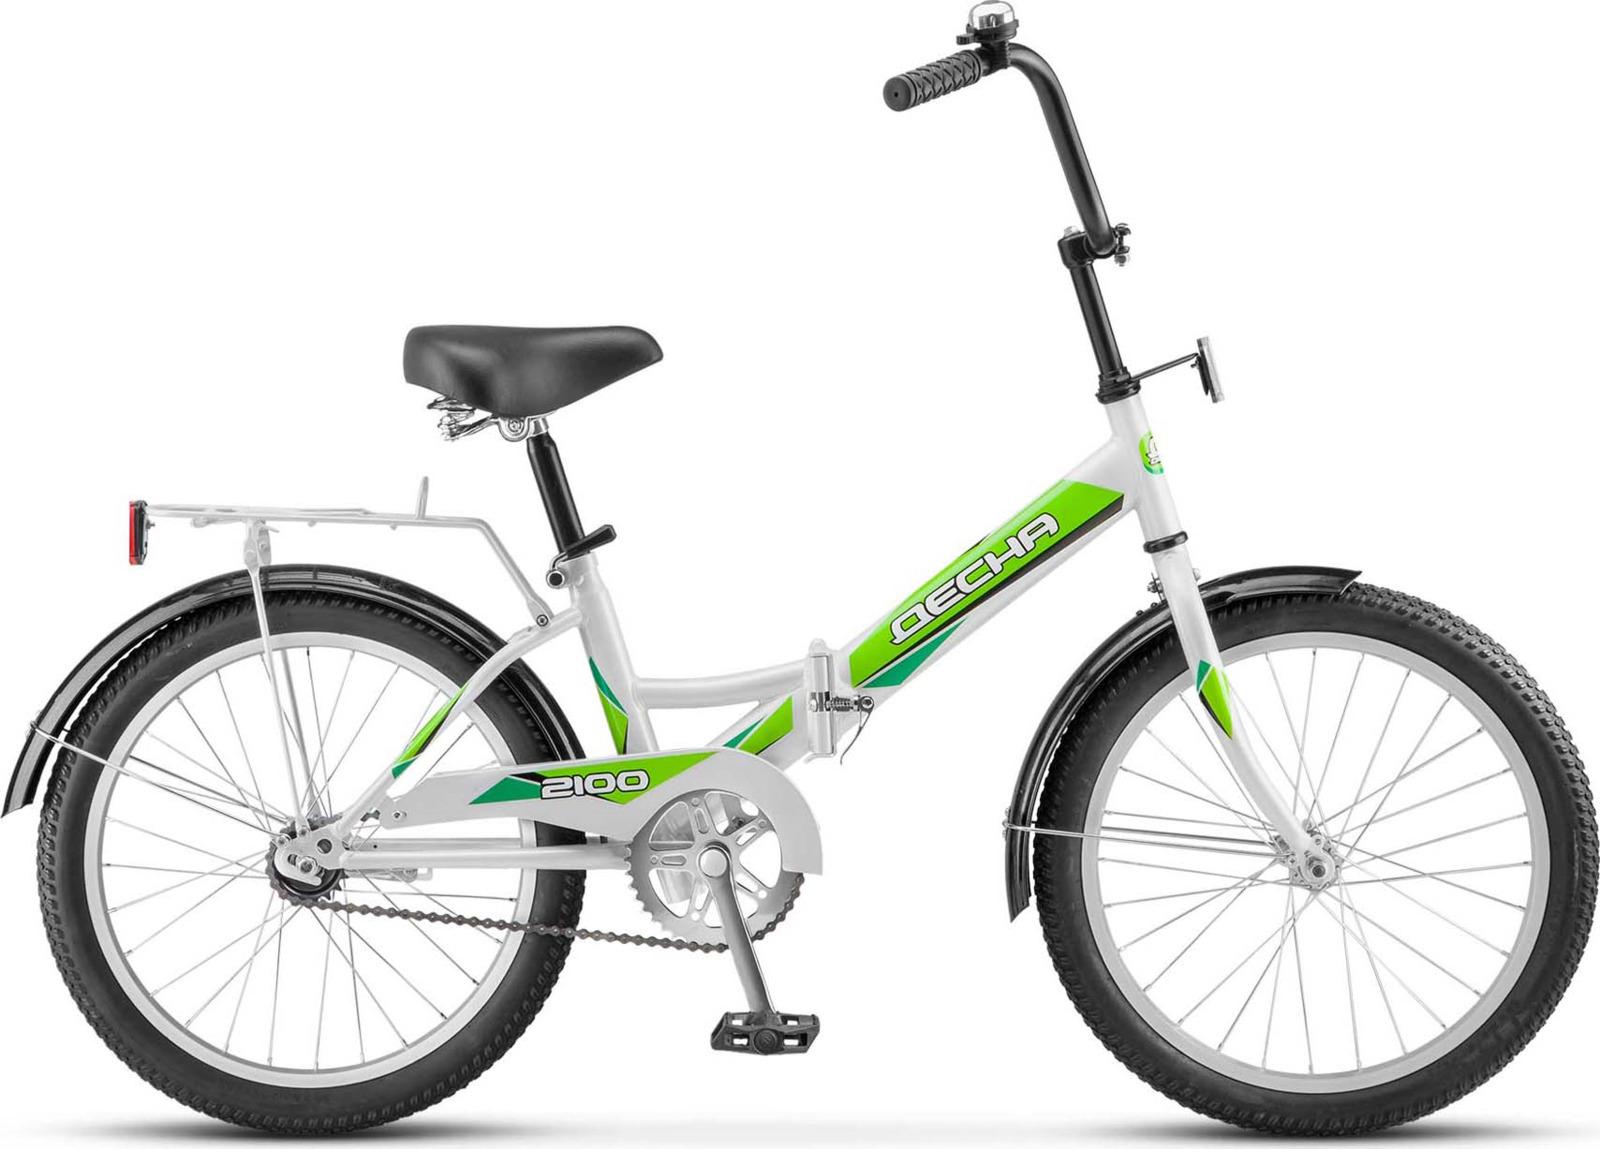 Велосипед Stels Десна-2100 13, LU073253, зеленый